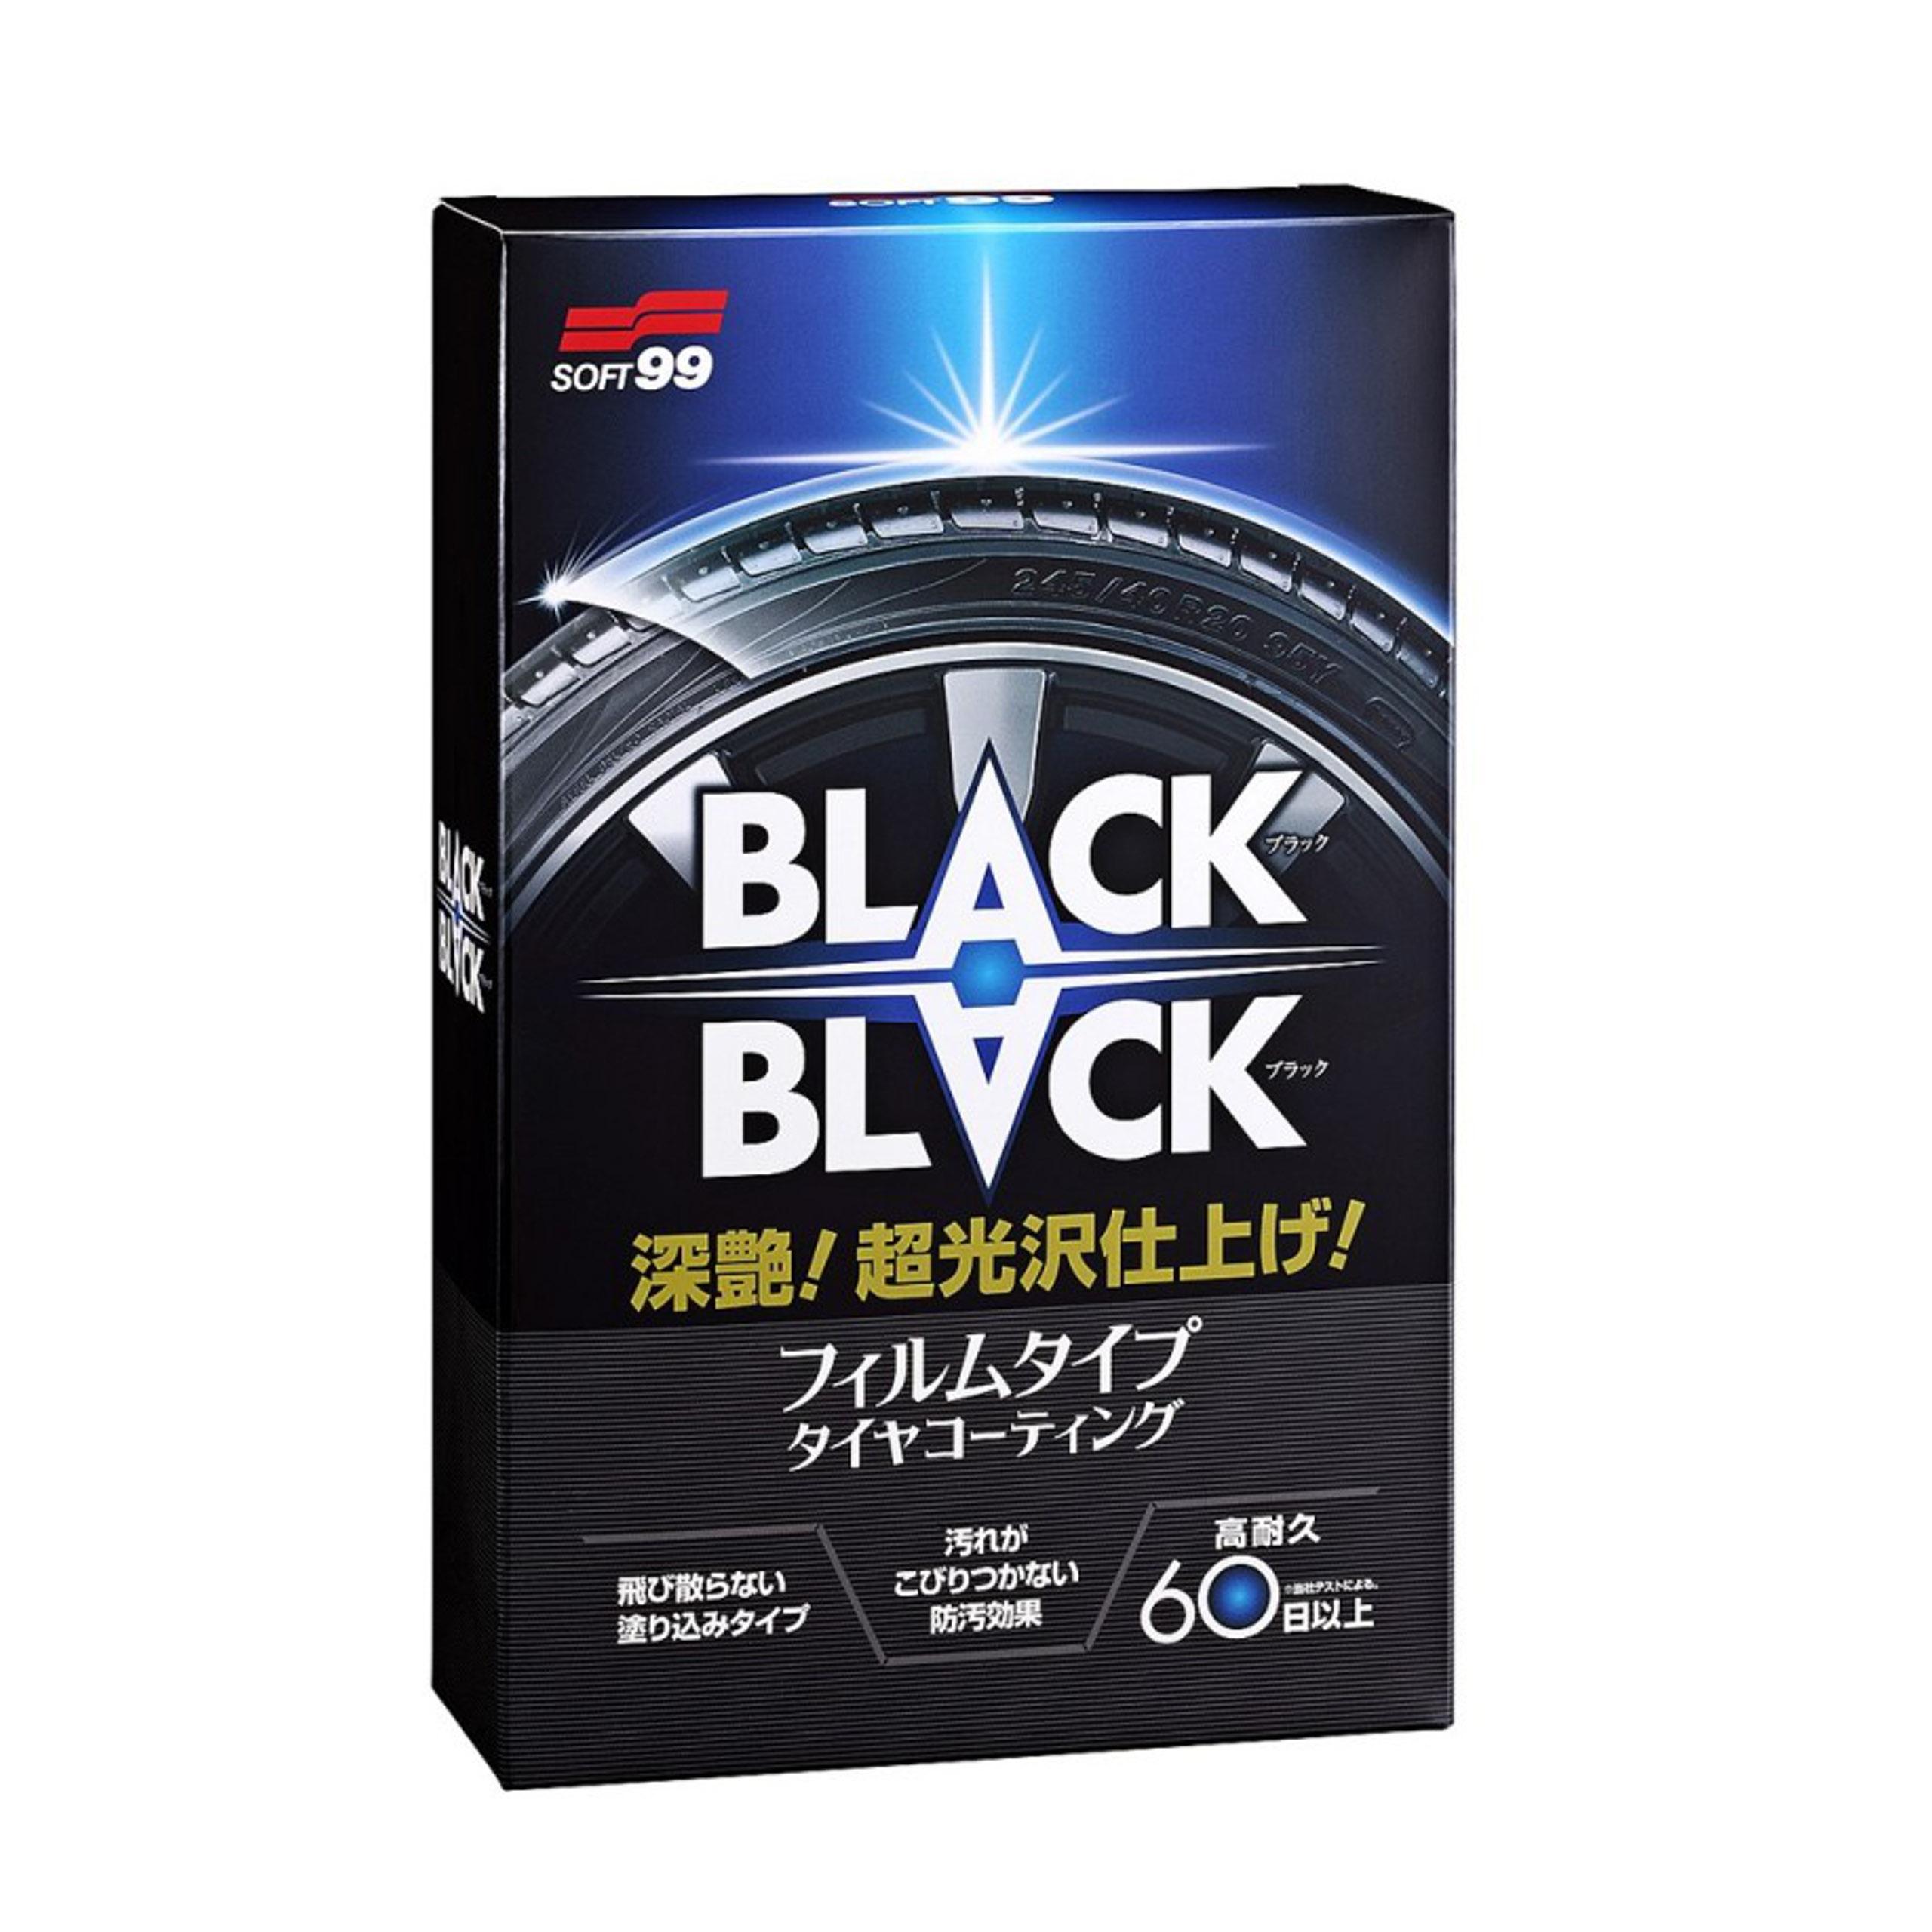 SOFT99 BLACK BLACK Środek do pielęgnacji opon